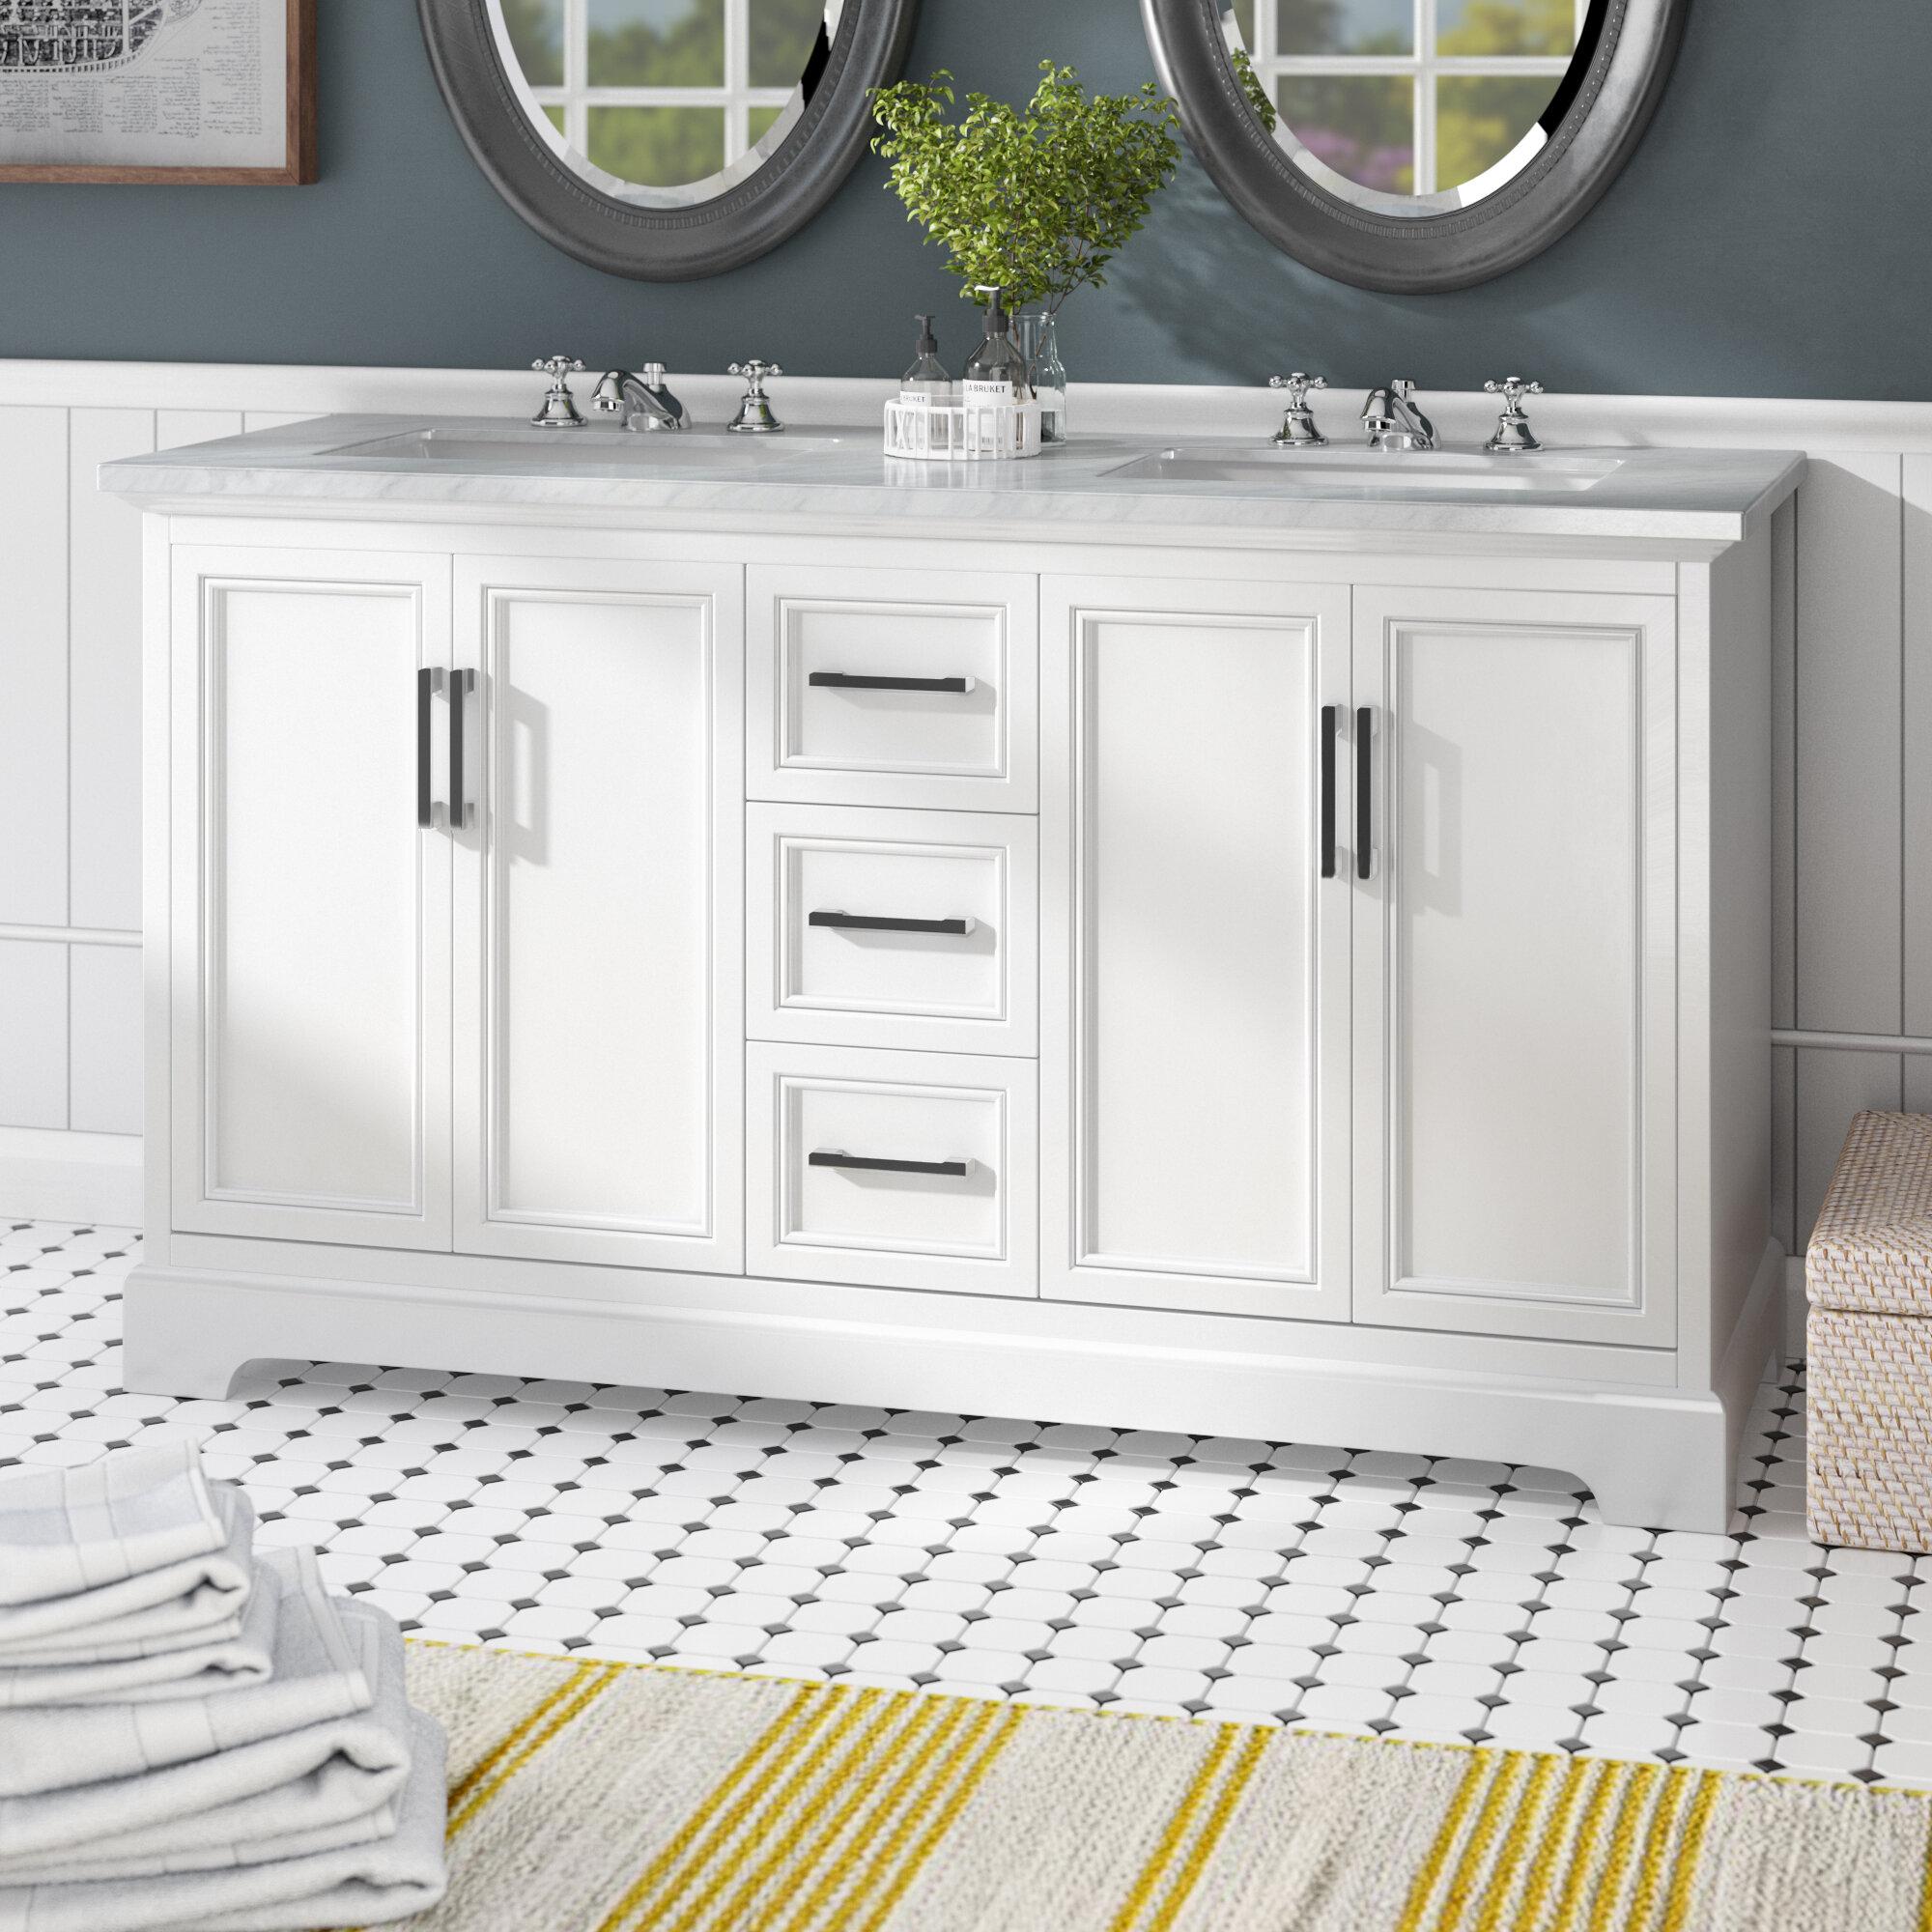 Beachcrest Home Ravenworth 60 Double Bathroom Vanity Set Reviews